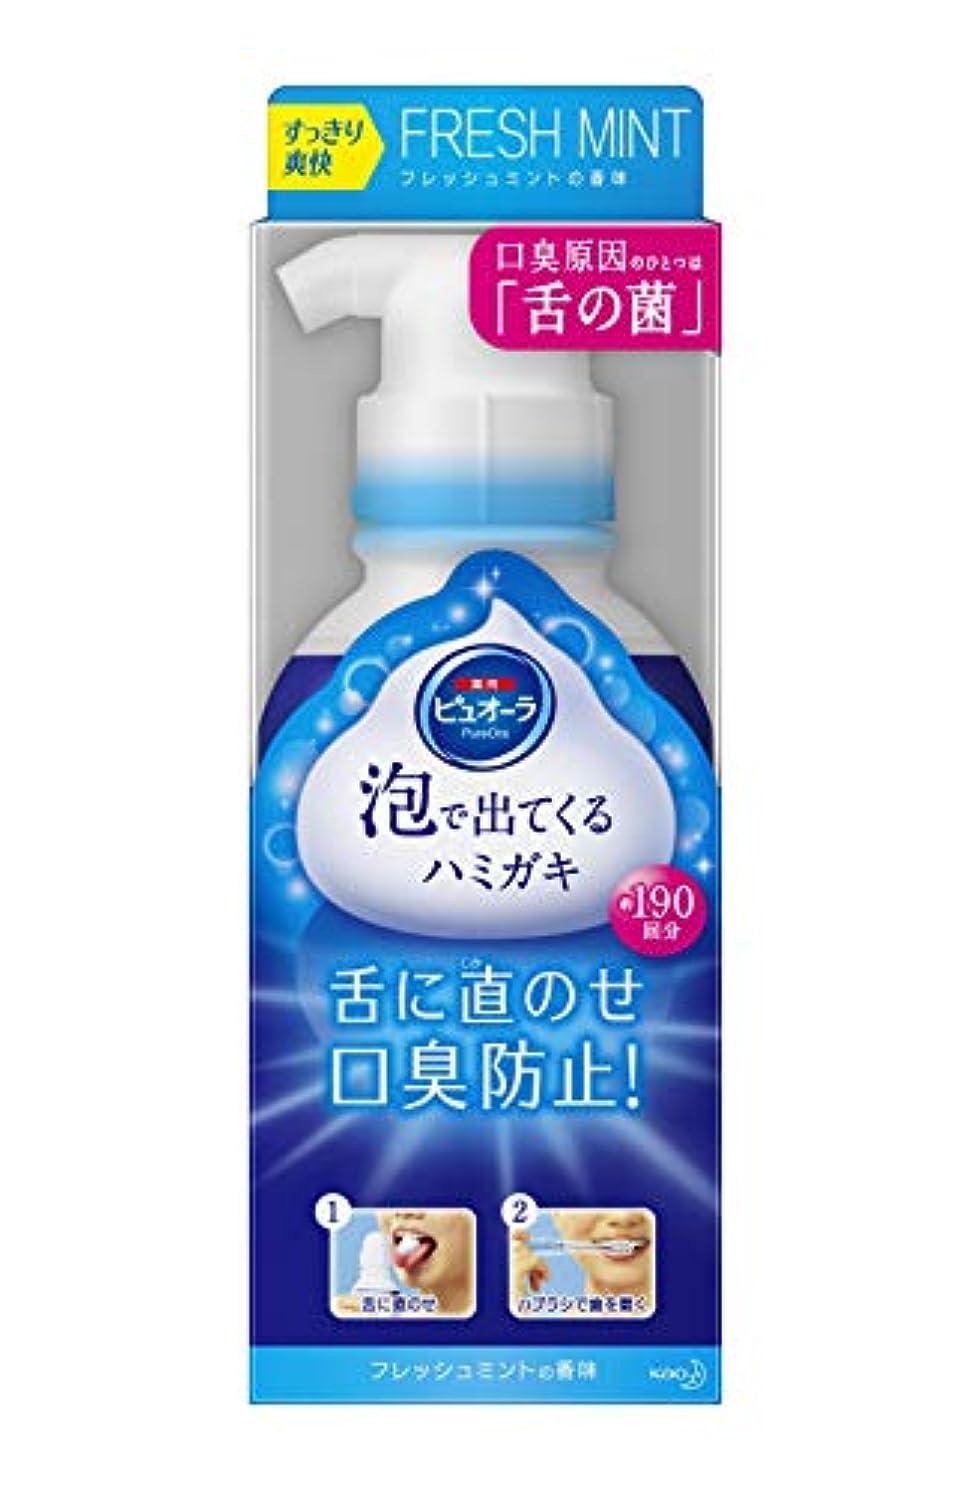 絶望シェルター表現ピュオーラ 泡で出てくるハミガキ 190ml 口臭/歯周病予防 [医薬部外品] フレッシュミントの香味 単品